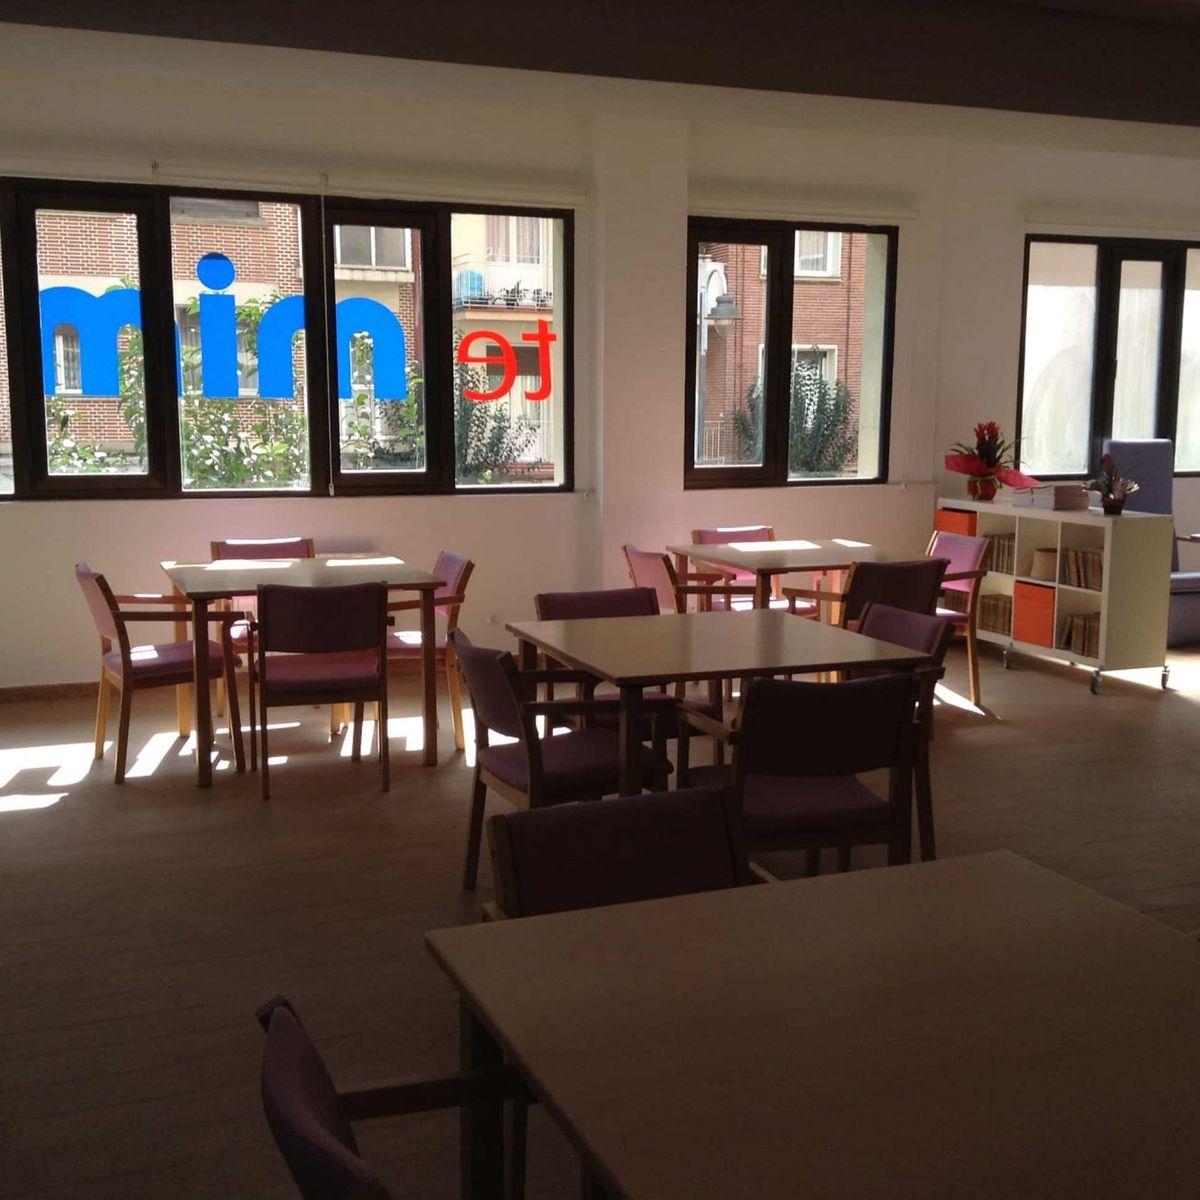 Centro de día y servicios asistenciales en Deusto